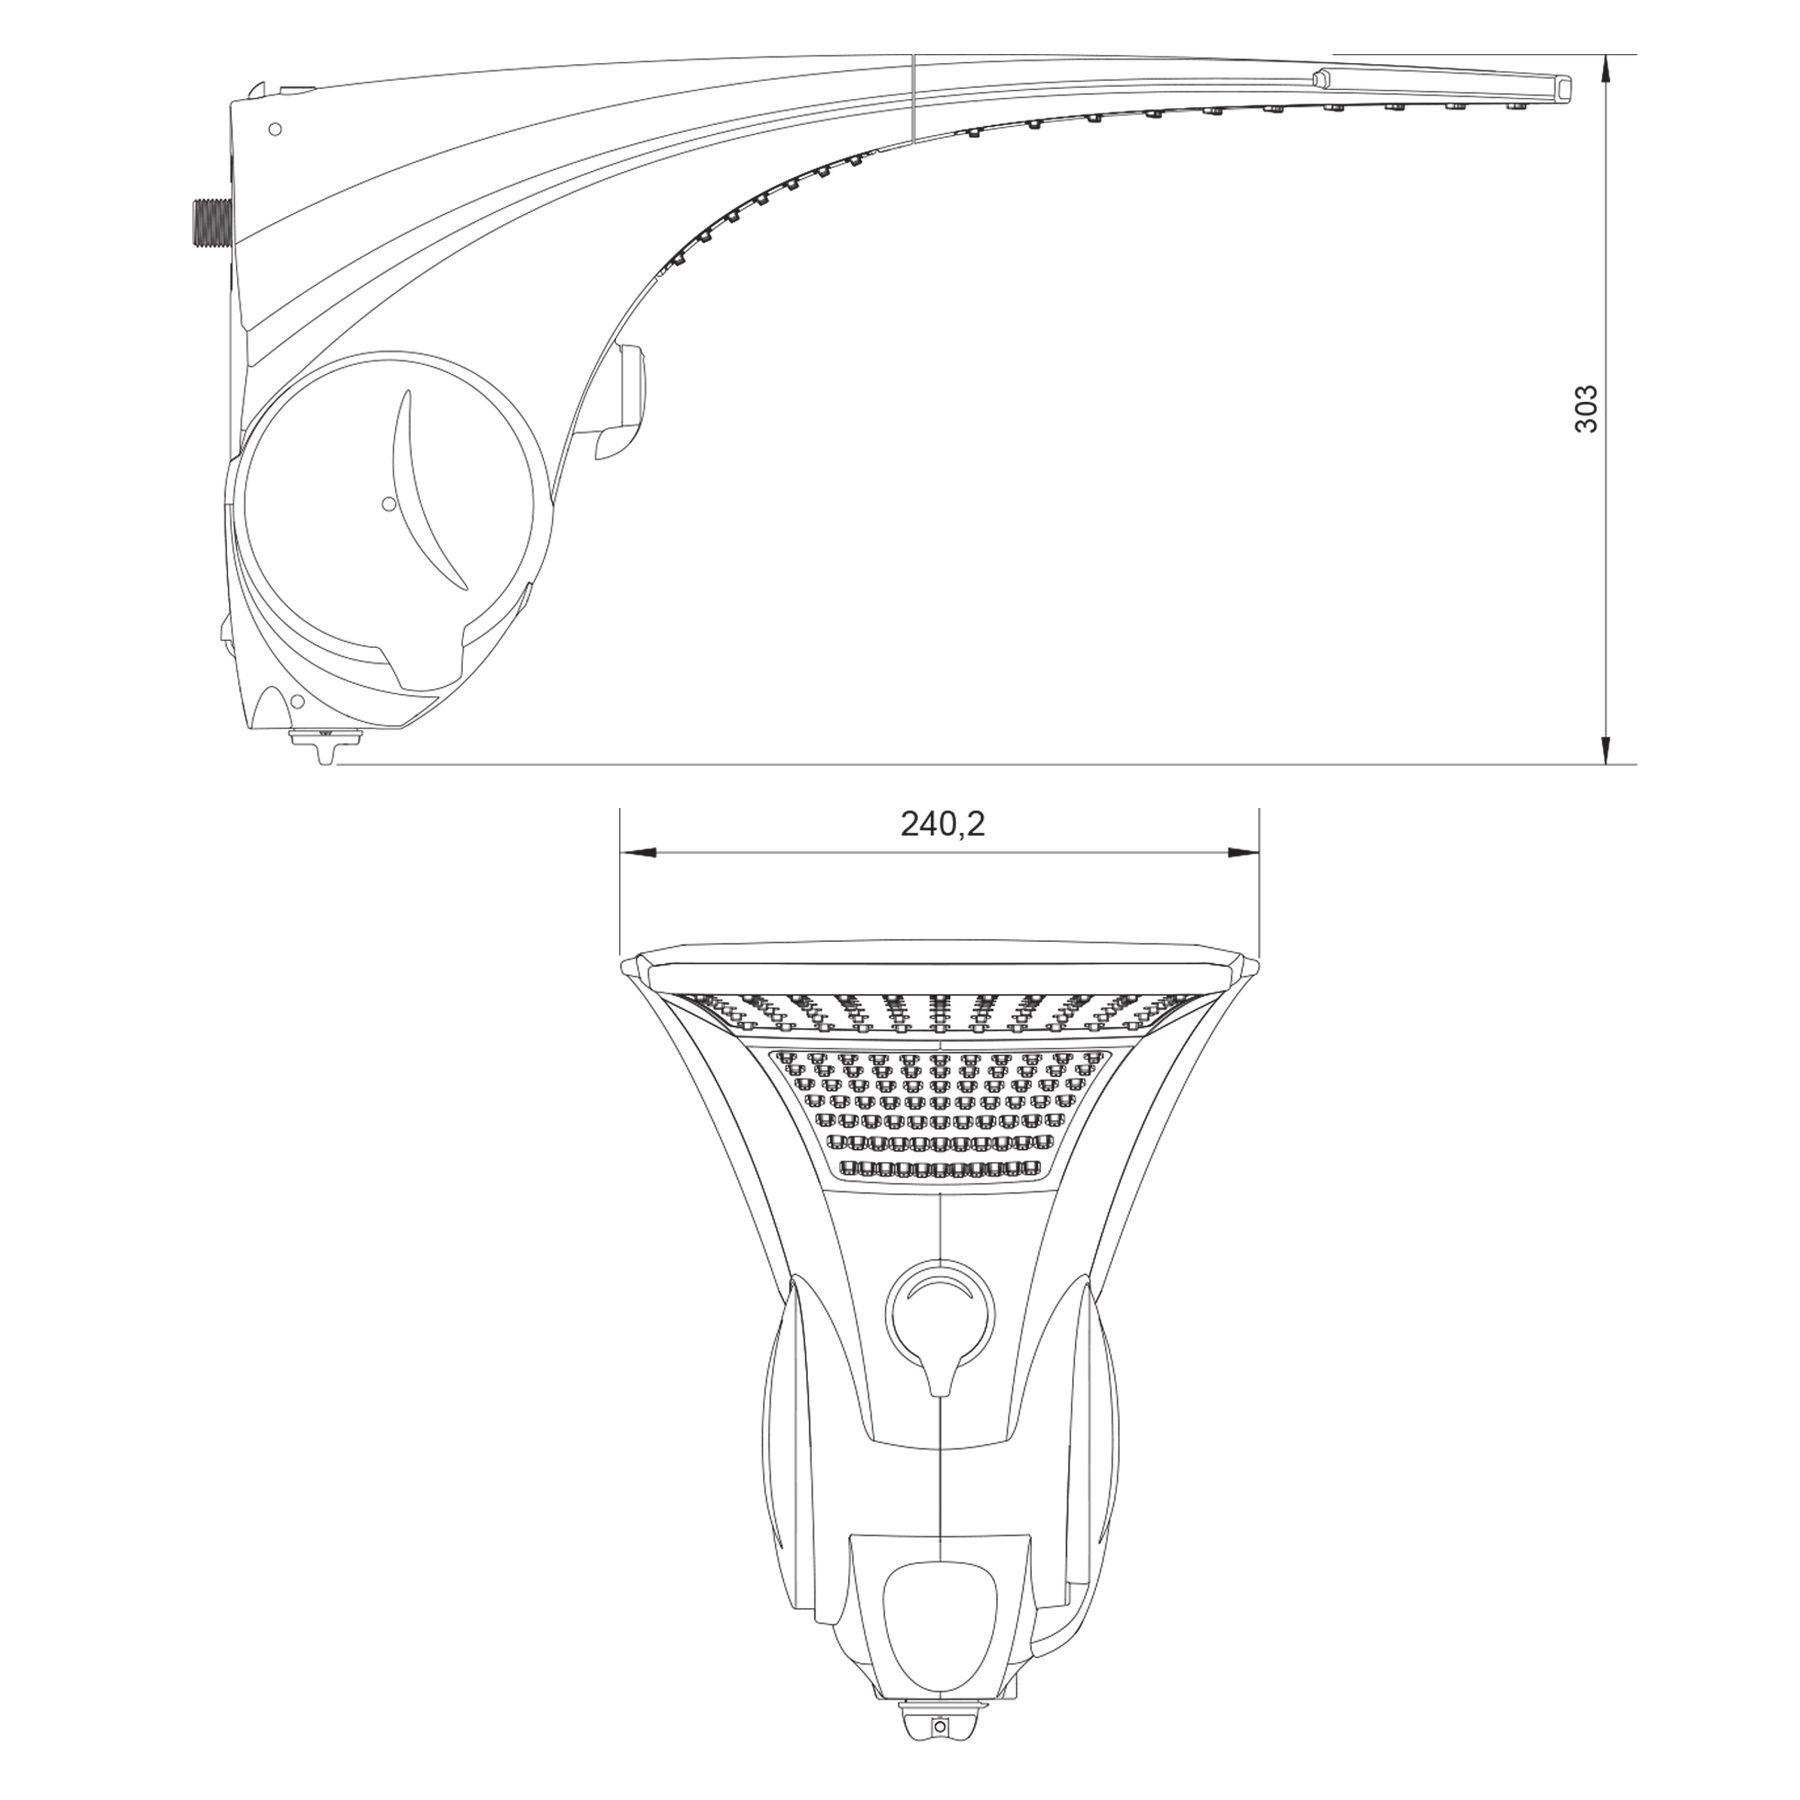 Chuveiro Ducha Duo Shower Quadra Multi Temperatura Lorenzetti Branco 220v 7500w